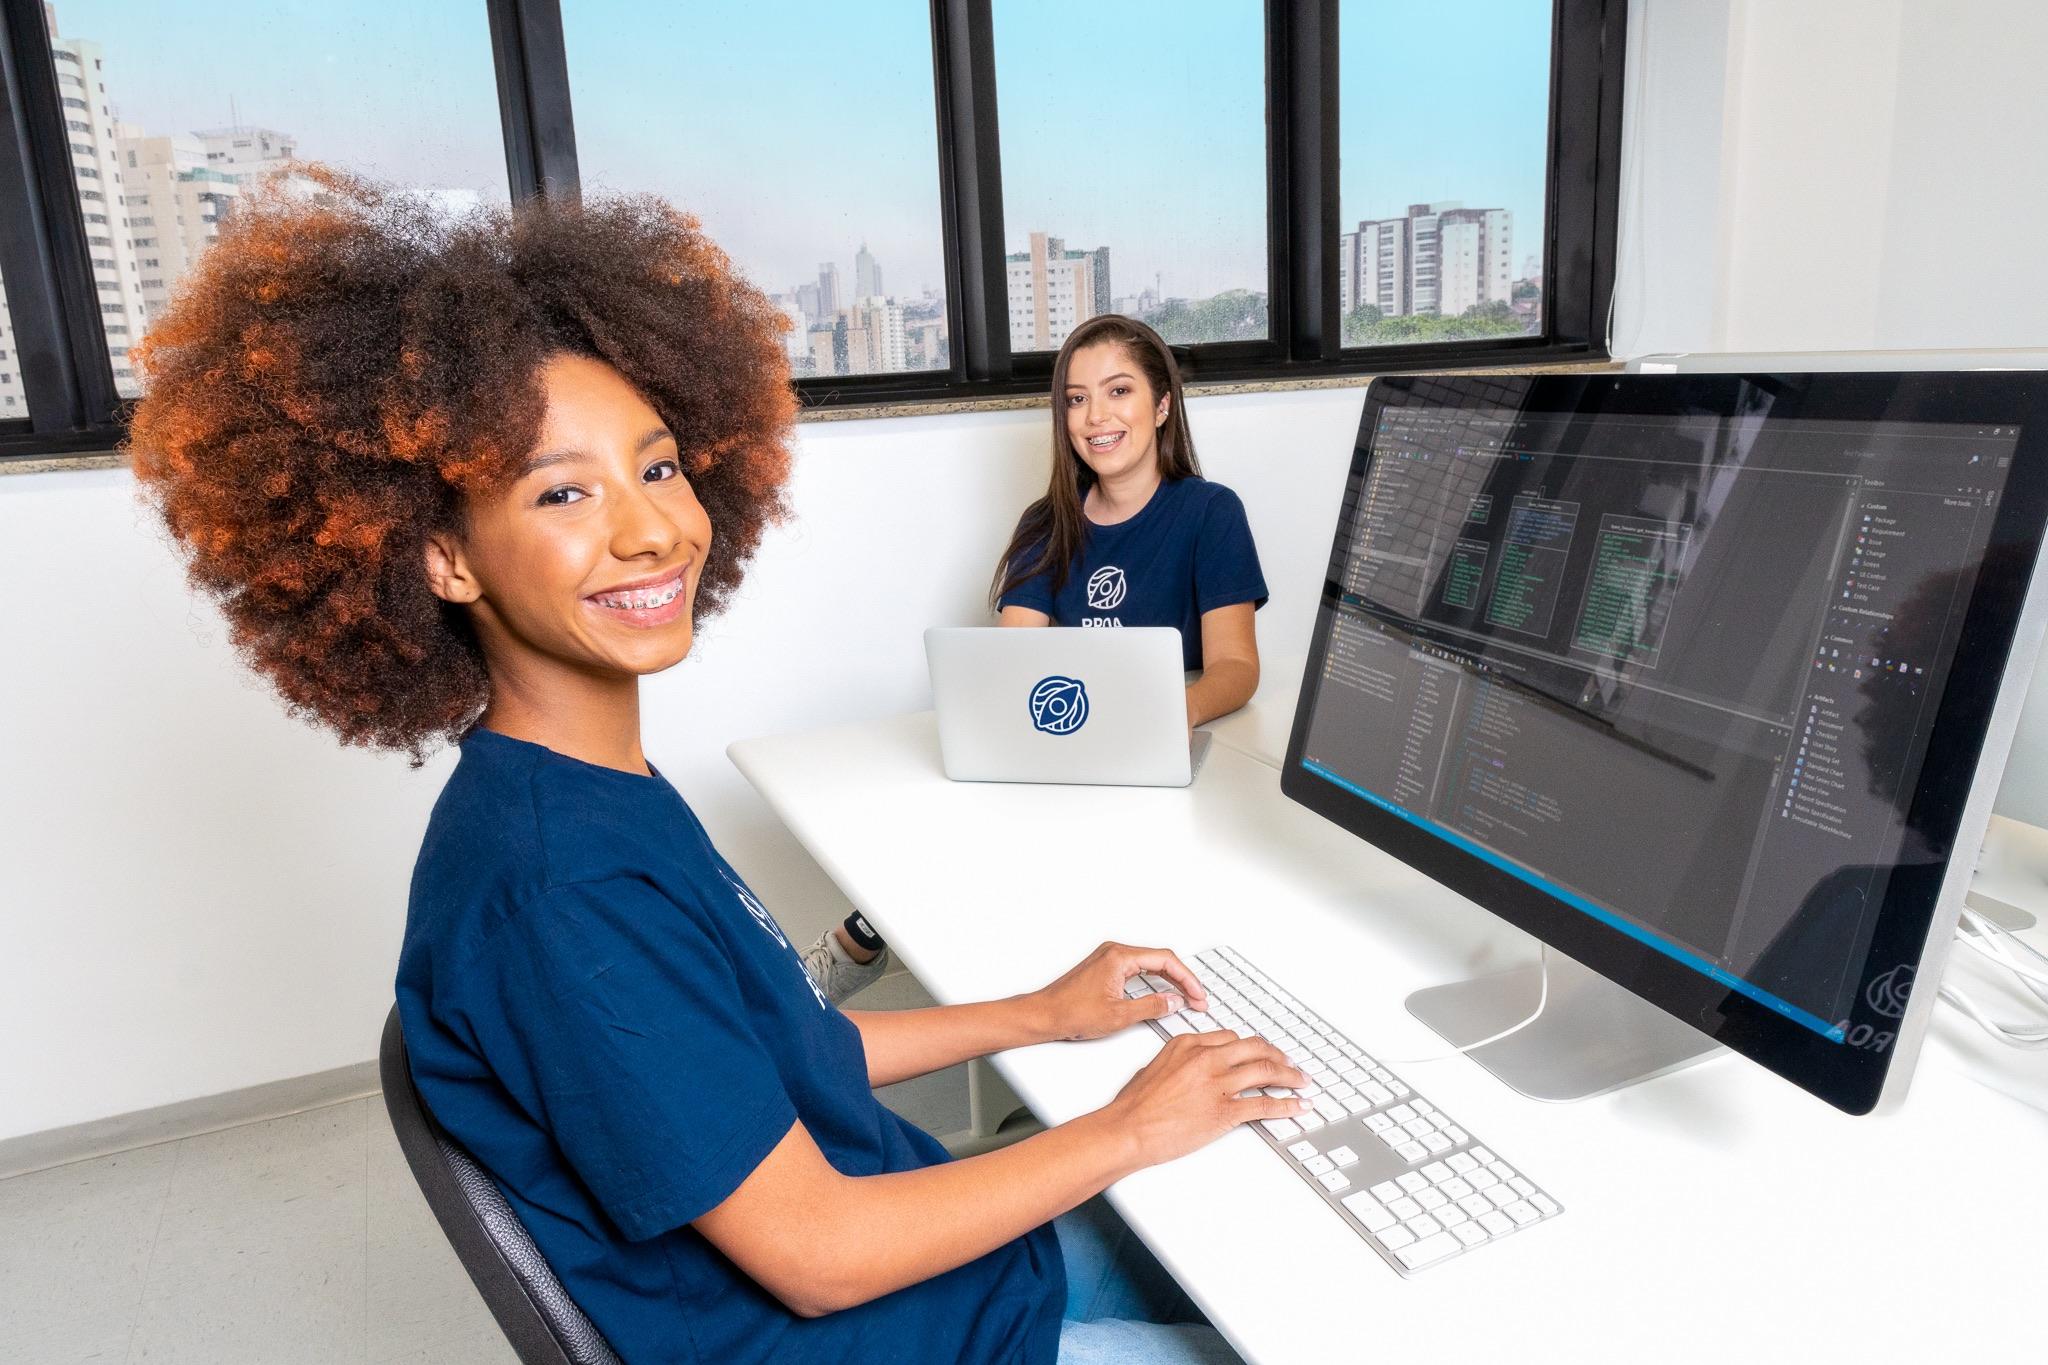 Instituto PROA abre 150 vagas para terceira edição do curso de capacitação profissional em programação Java em São Paulo